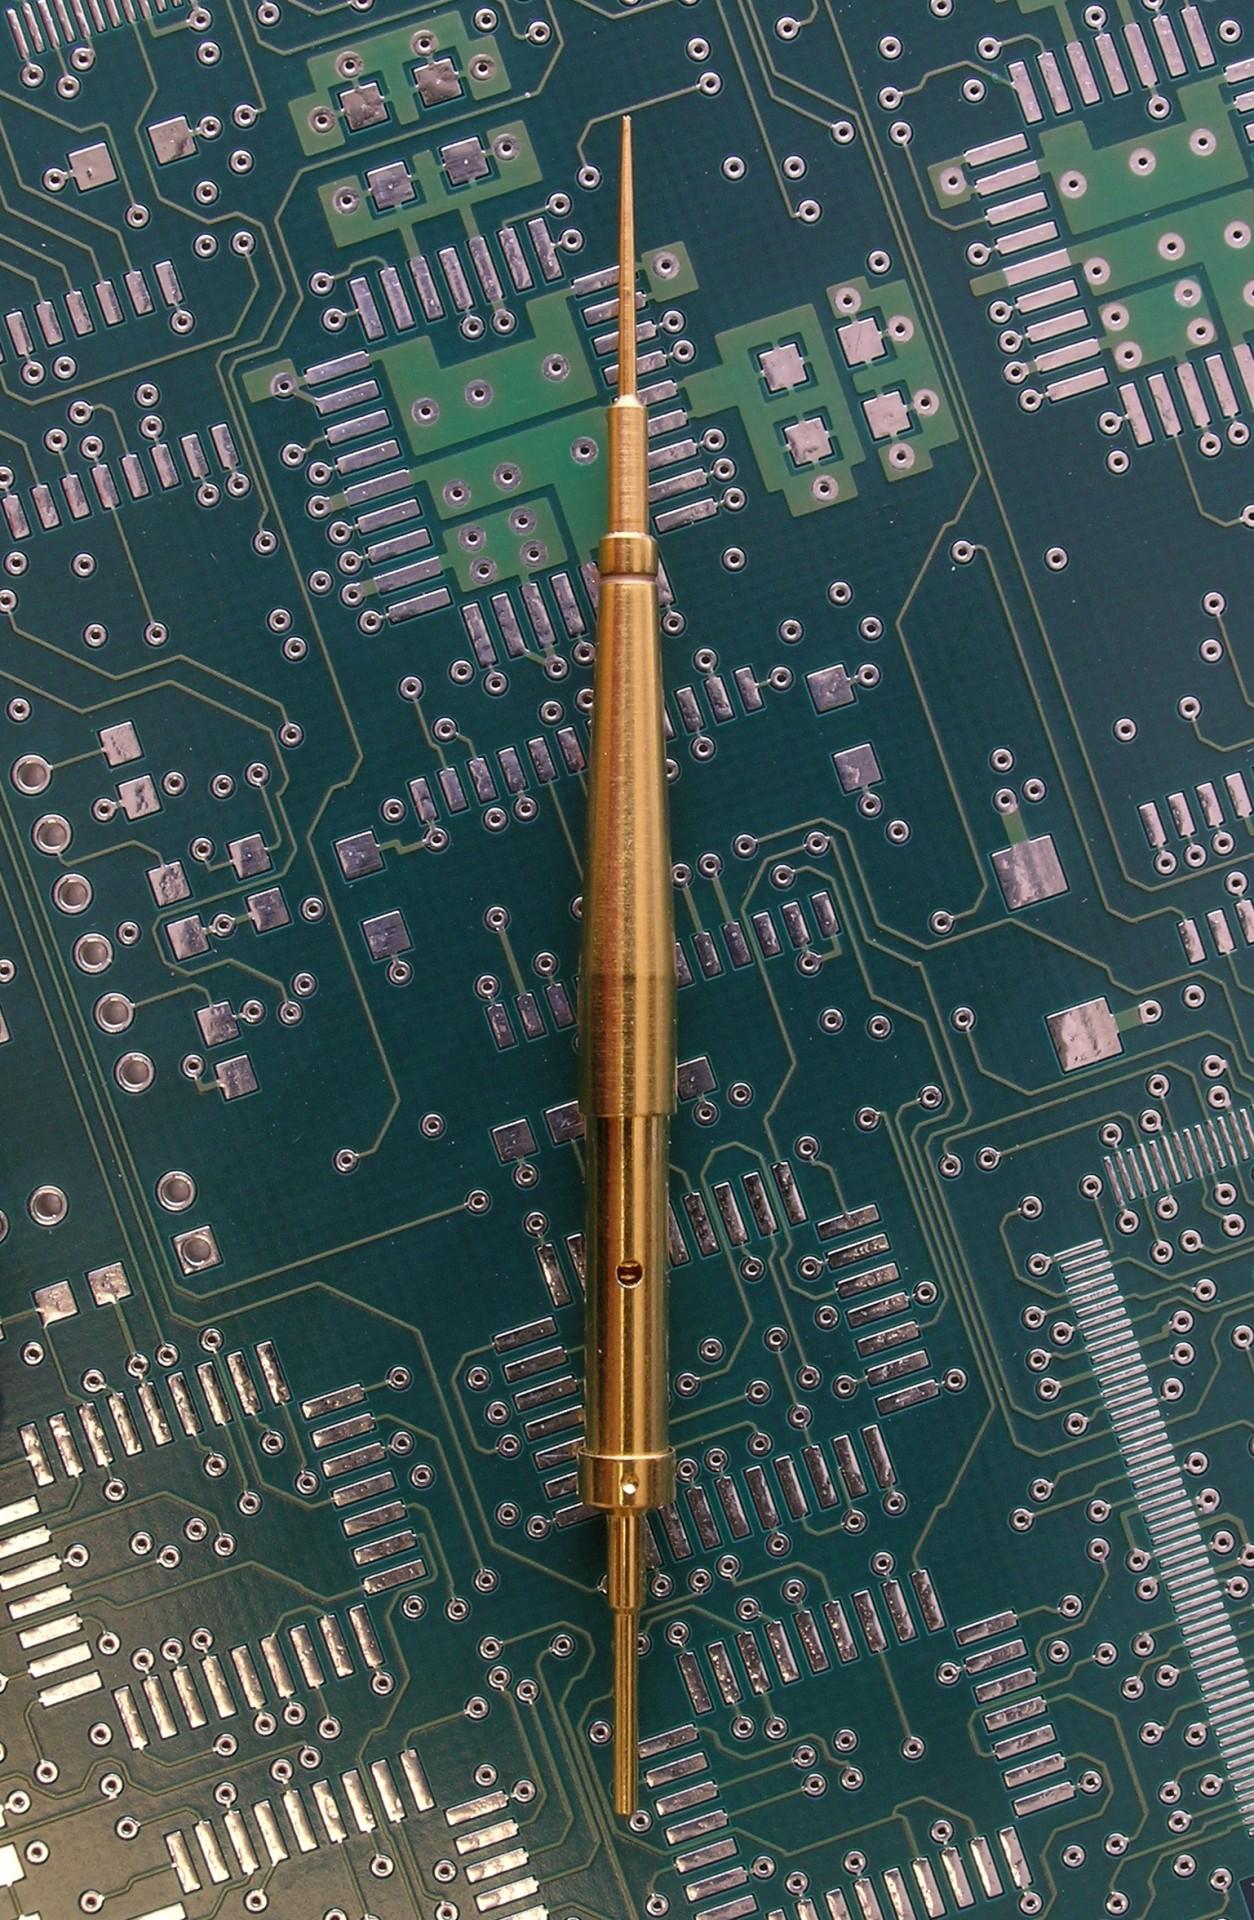 probe per il controllo dei circuiti stampati